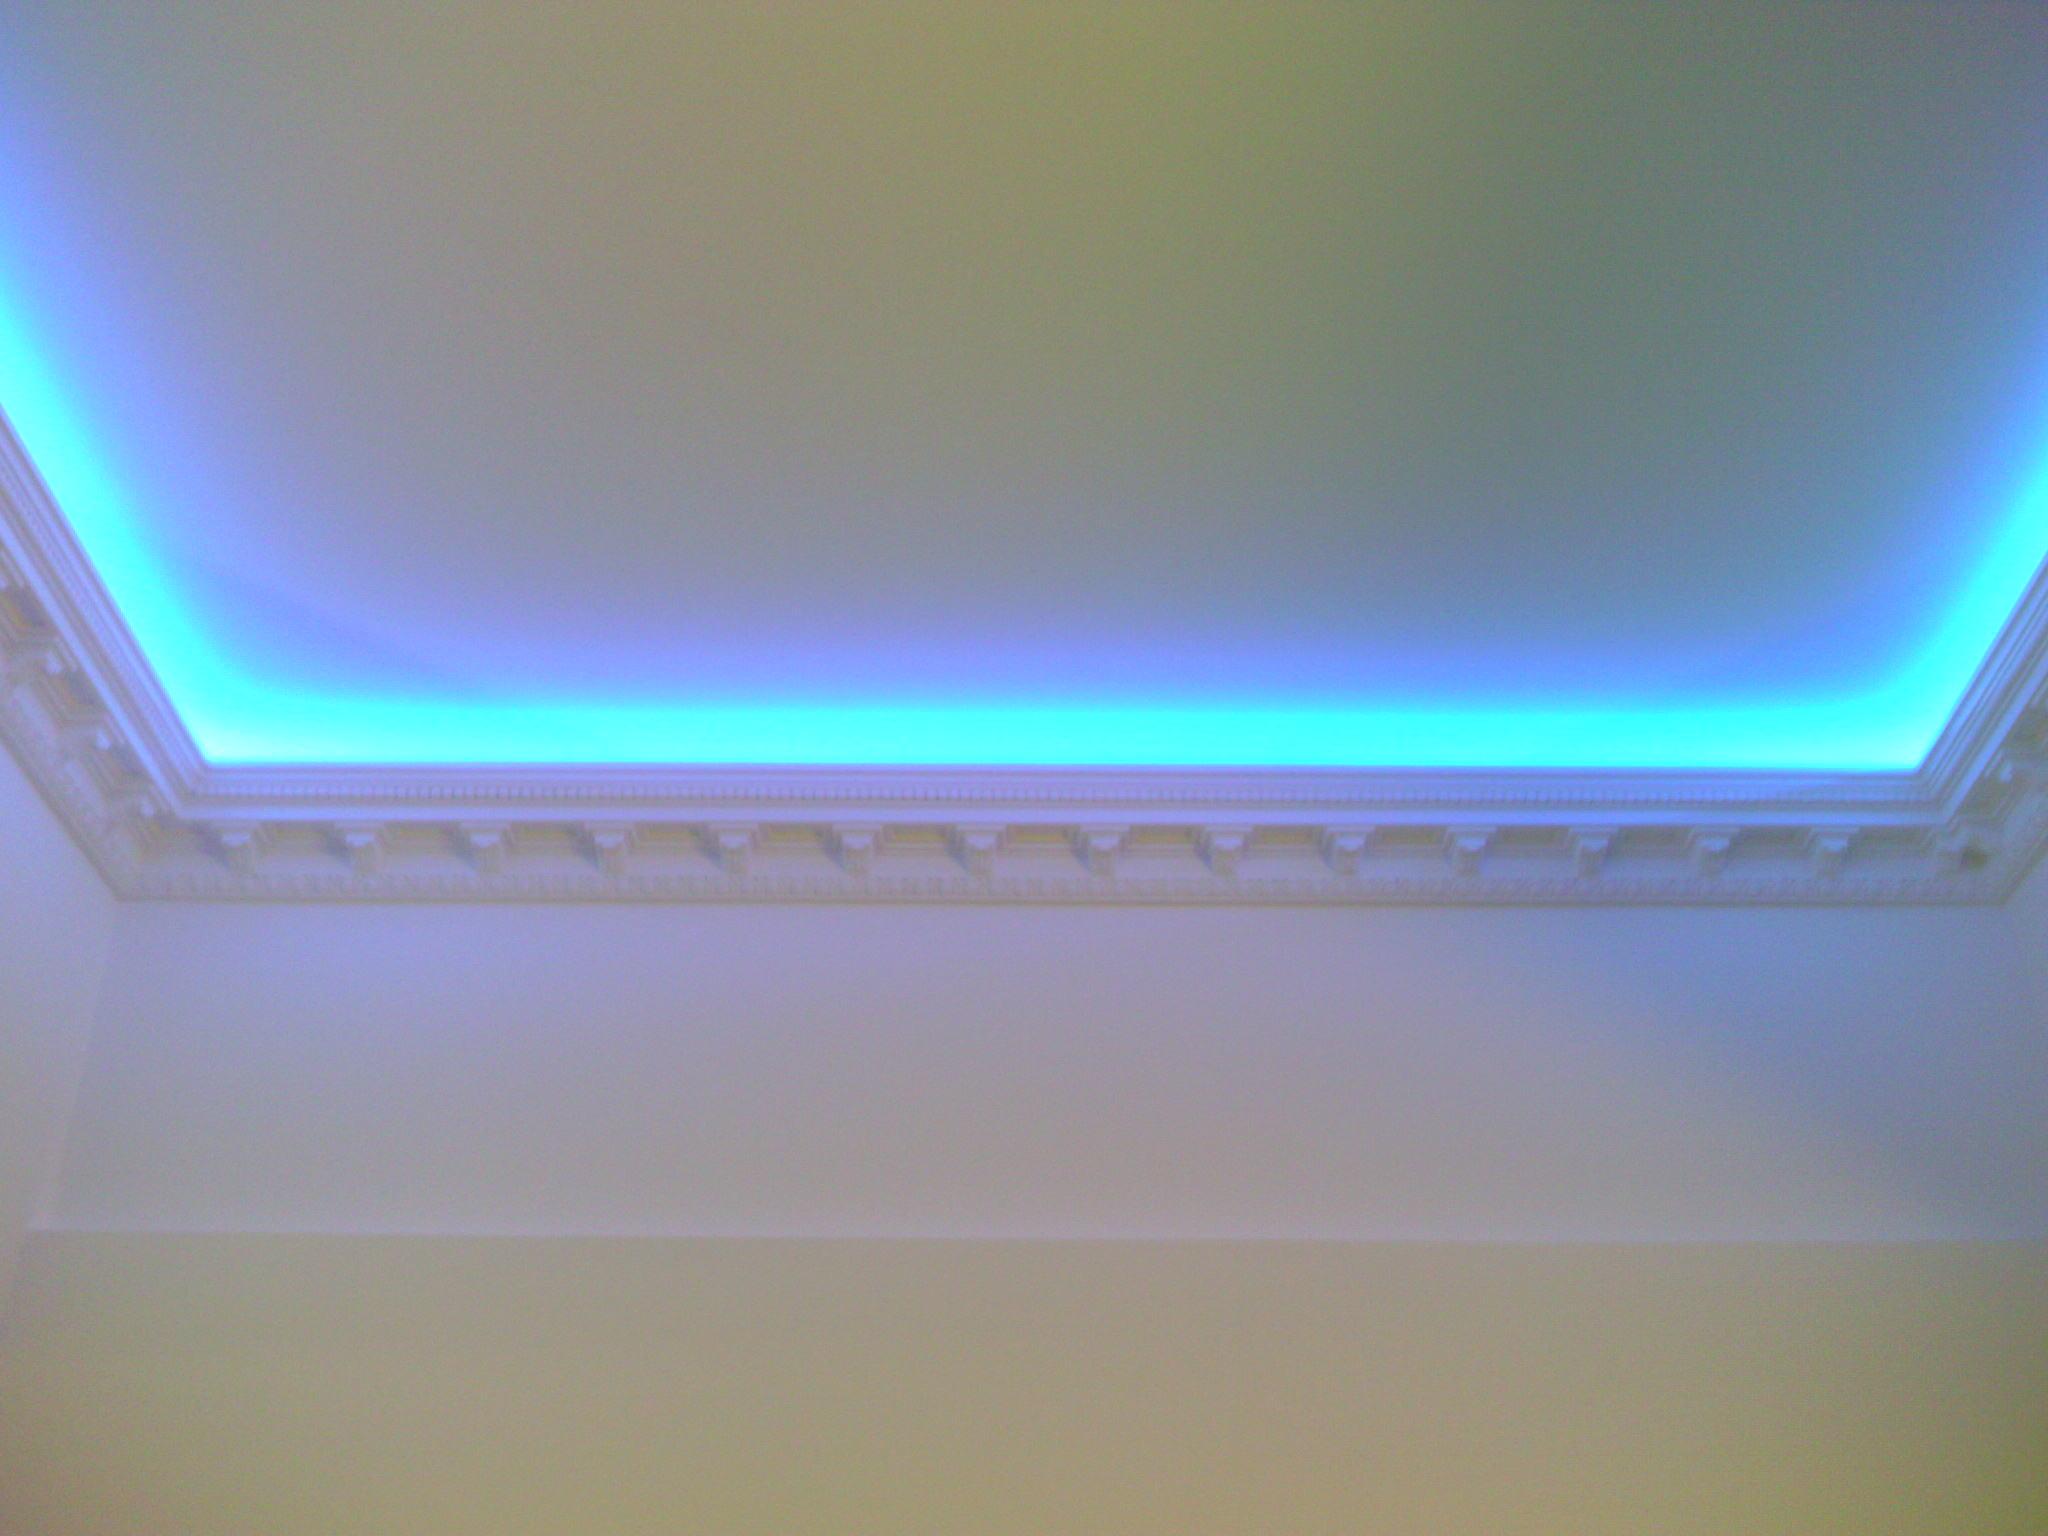 эдинбуржцы создали потолочный плинтус под светодиодную ленту фото чего сразу пытался